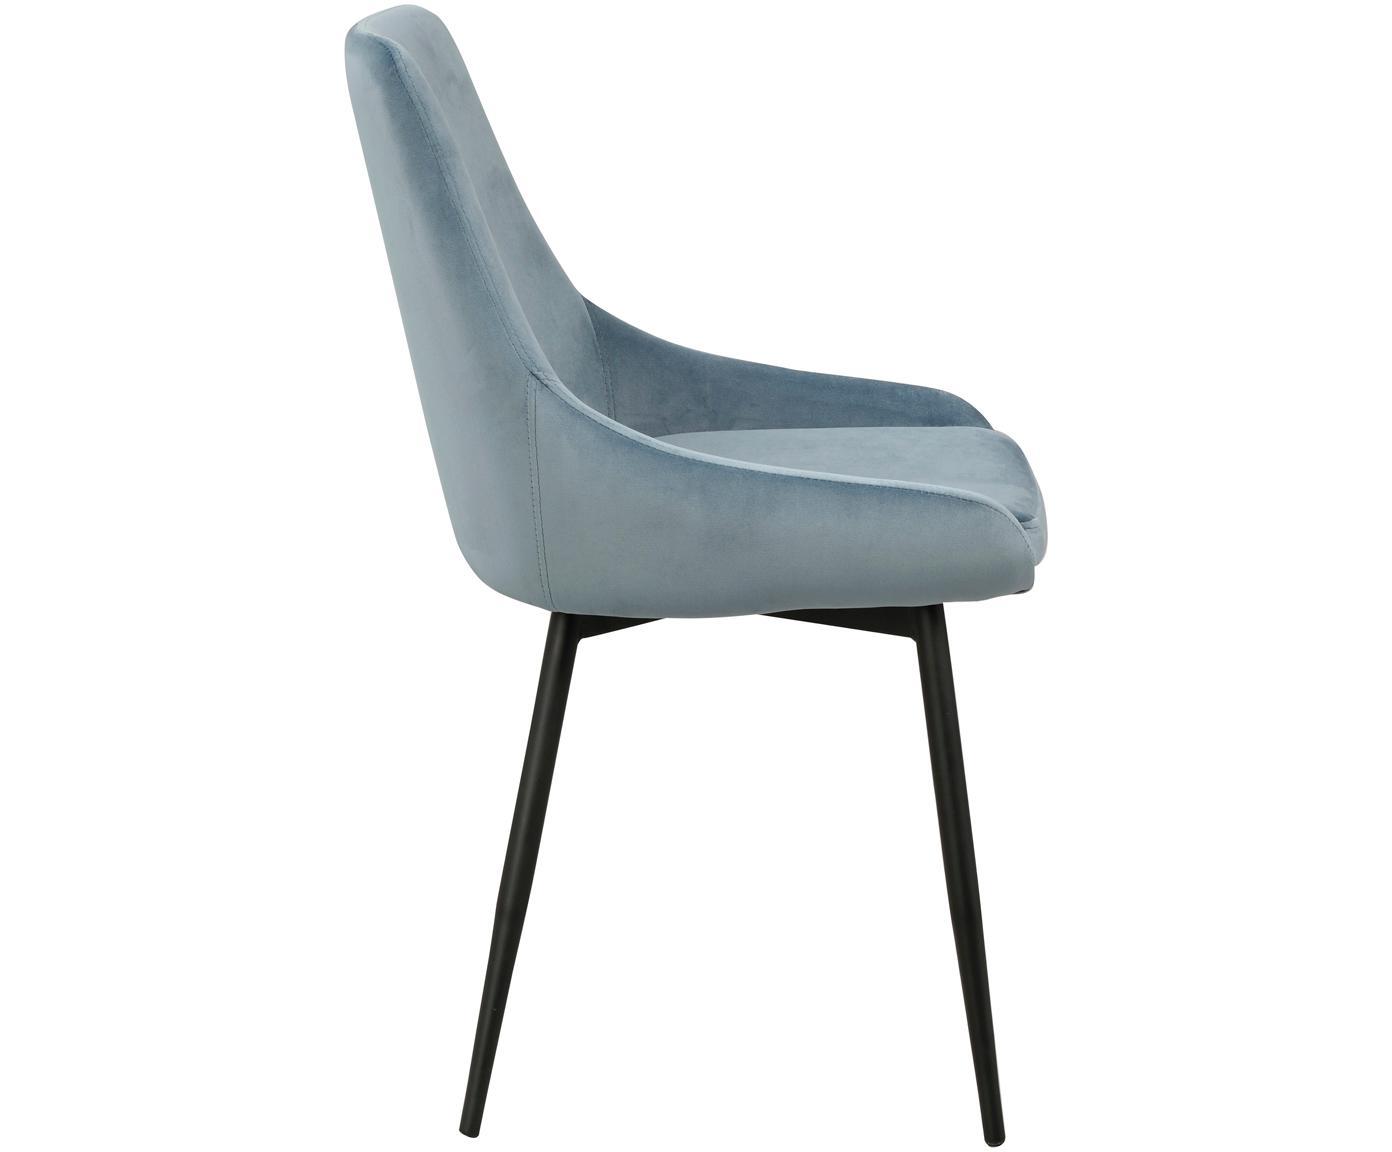 Krzesło tapicerowane z aksamitu Sierra, 2 szt., Tapicerka: aksamit poliestrowy 1000, Nogi: metal lakierowany, Niebieski, czarny, S 49 x G 55 cm